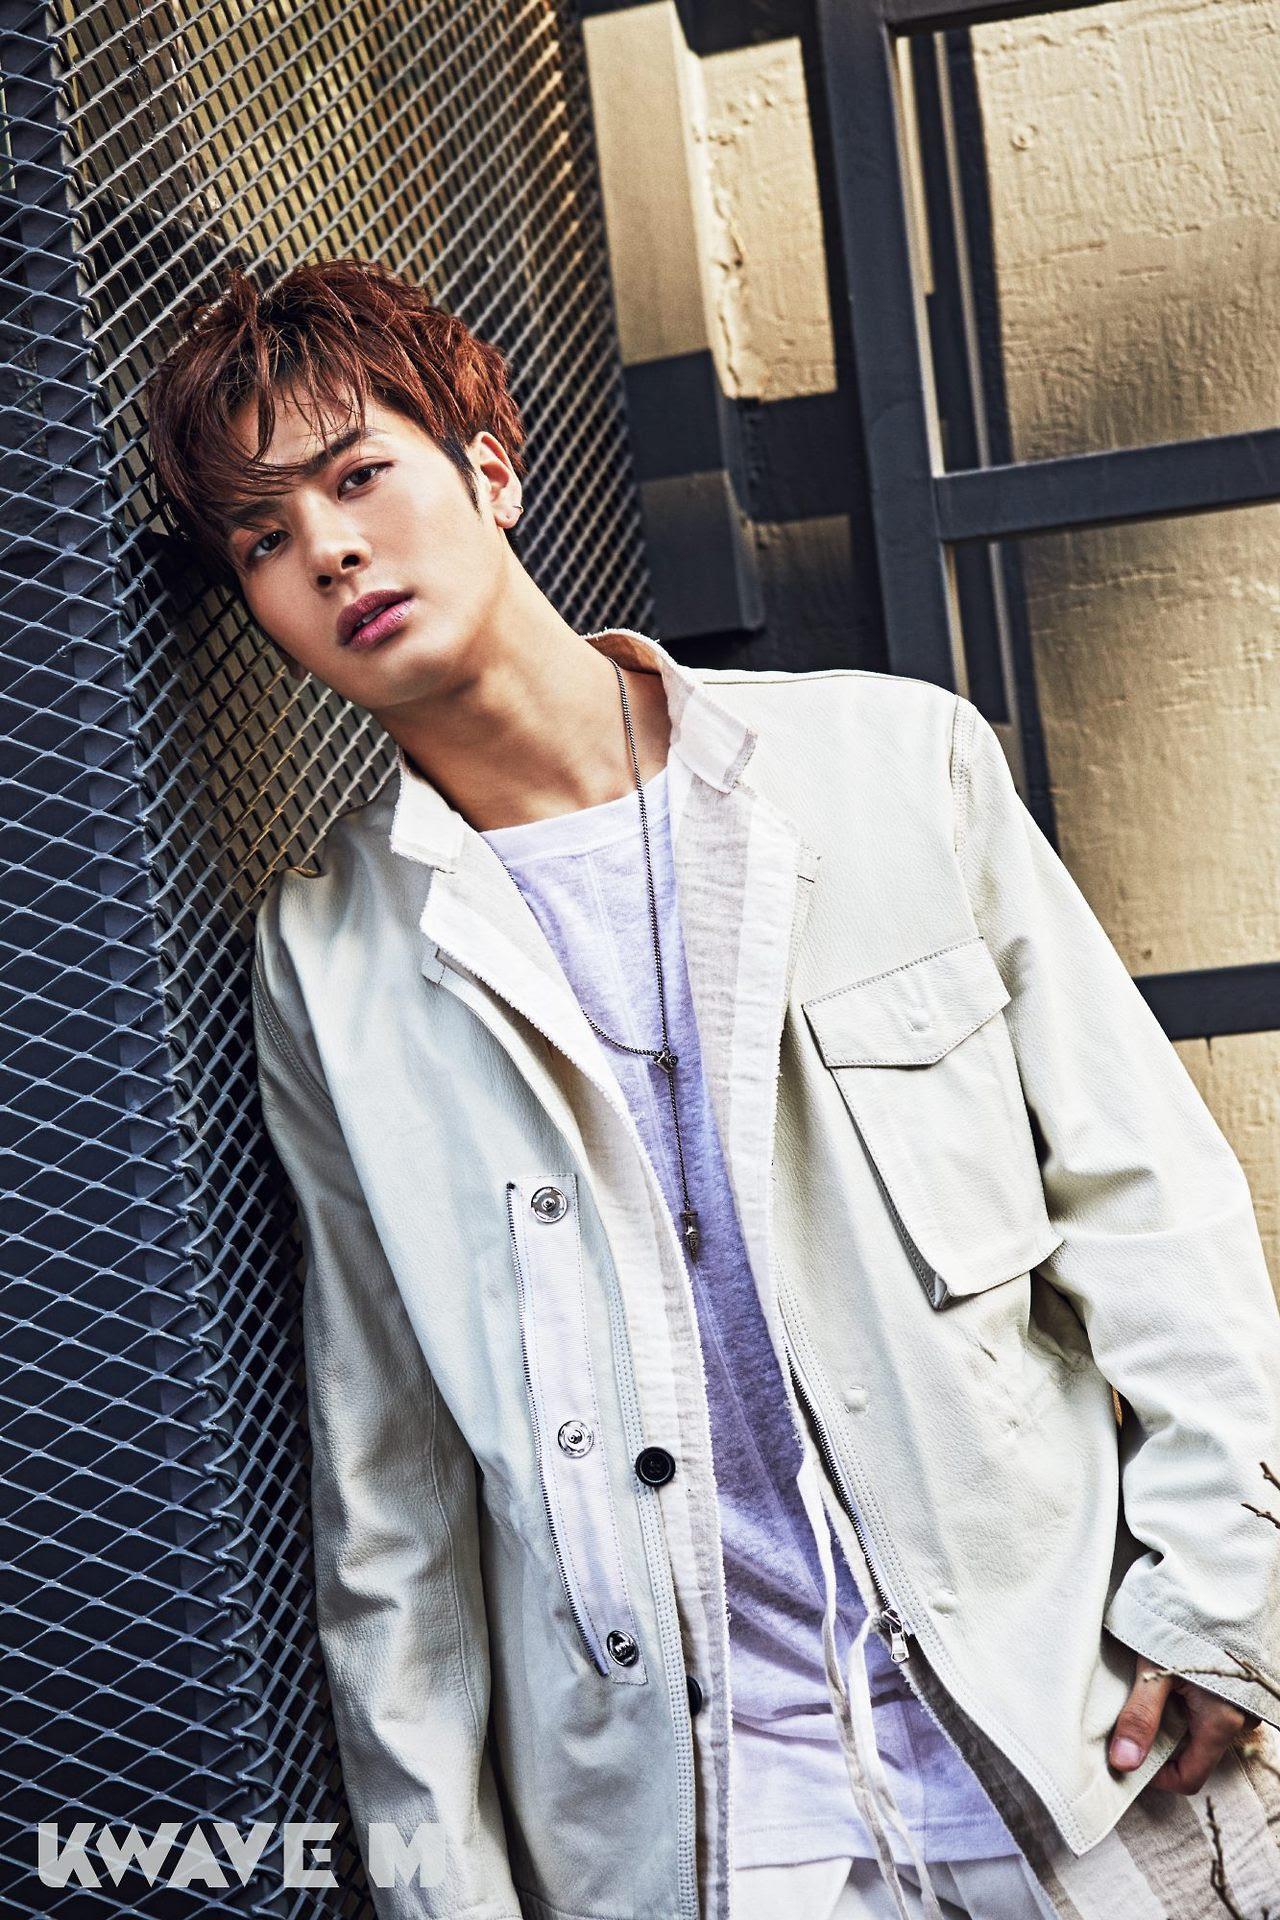 Jackson (GOT7) - Kwave Magazine March Issue '17